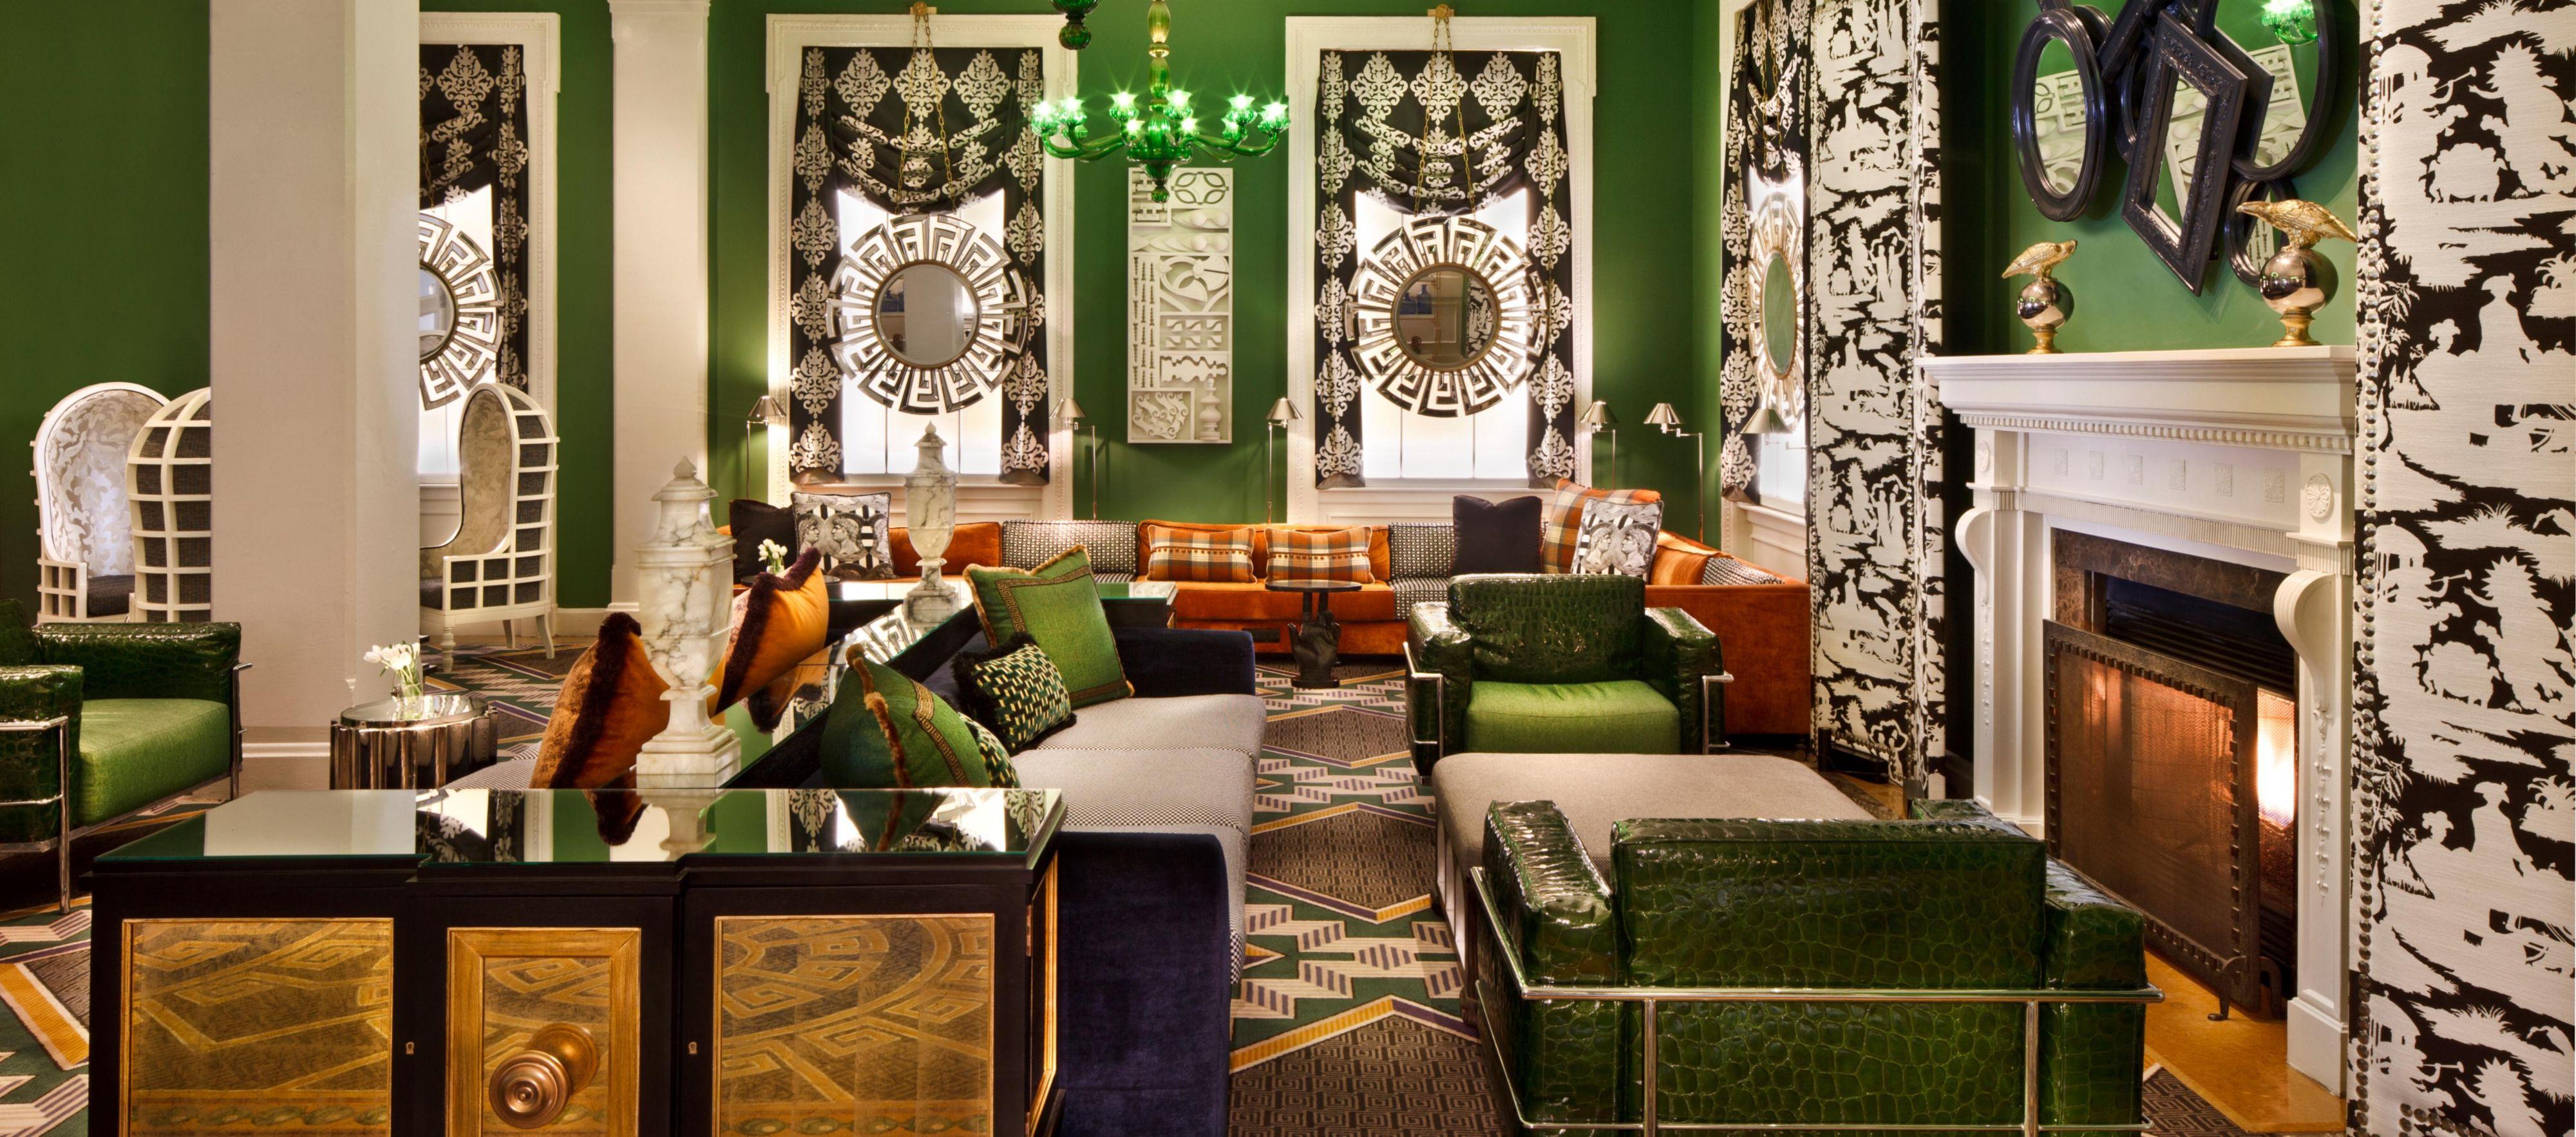 Kimpton Washington 4260474027 34x15 Hotel Monaco Dc